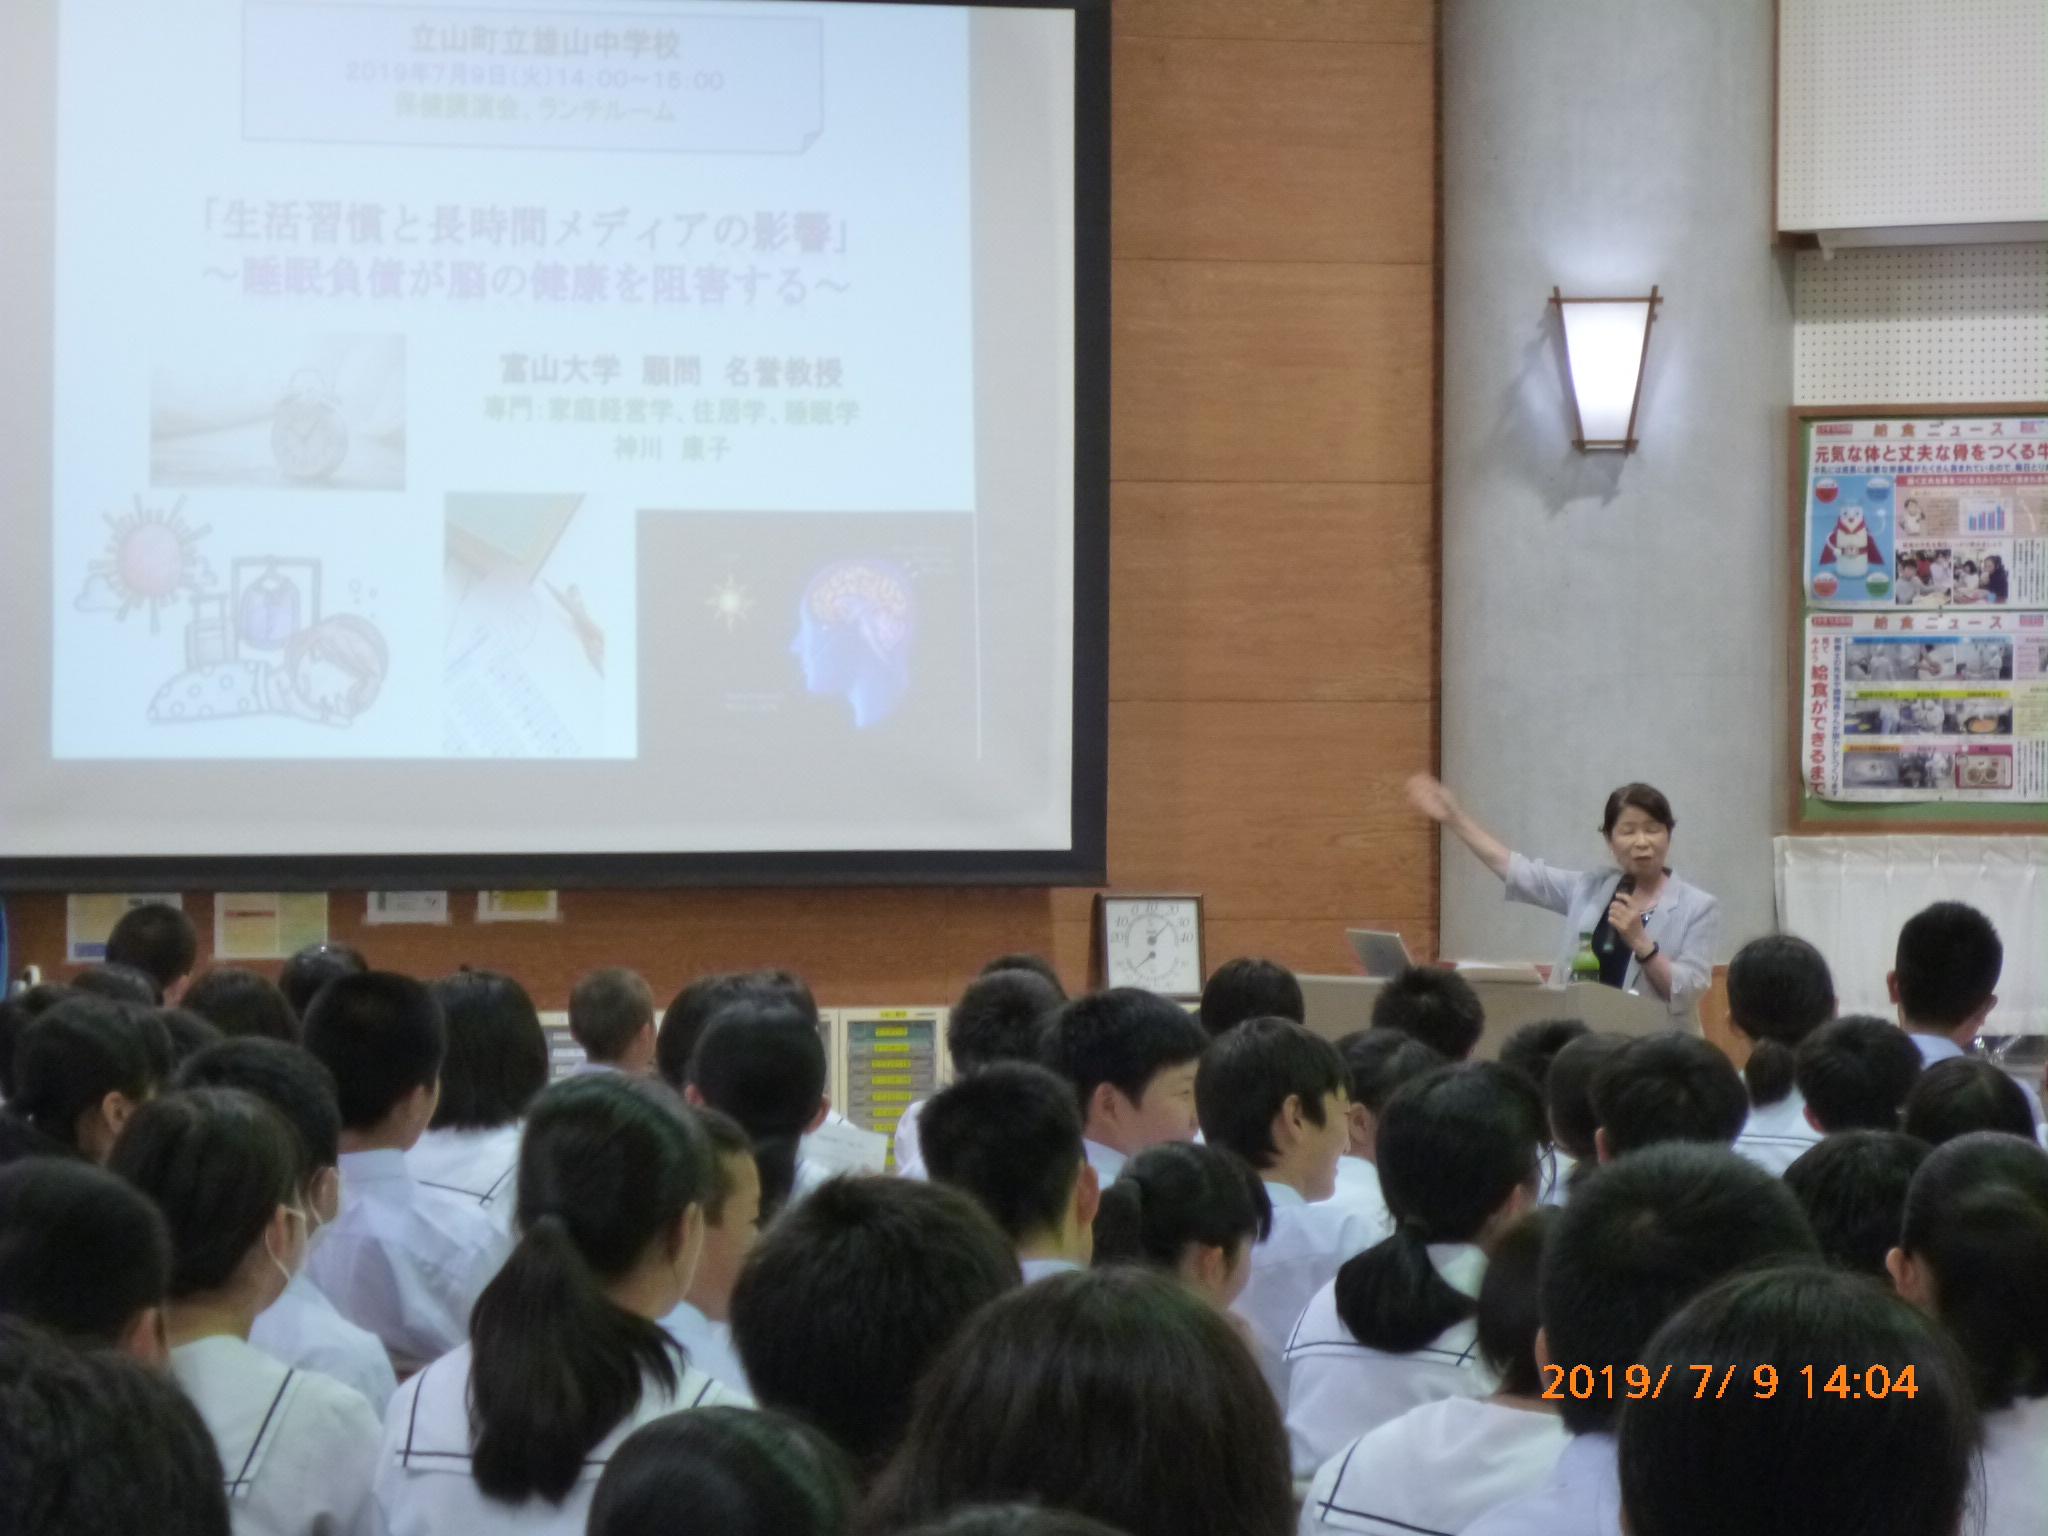 立山町立雄山中学校での睡眠講演